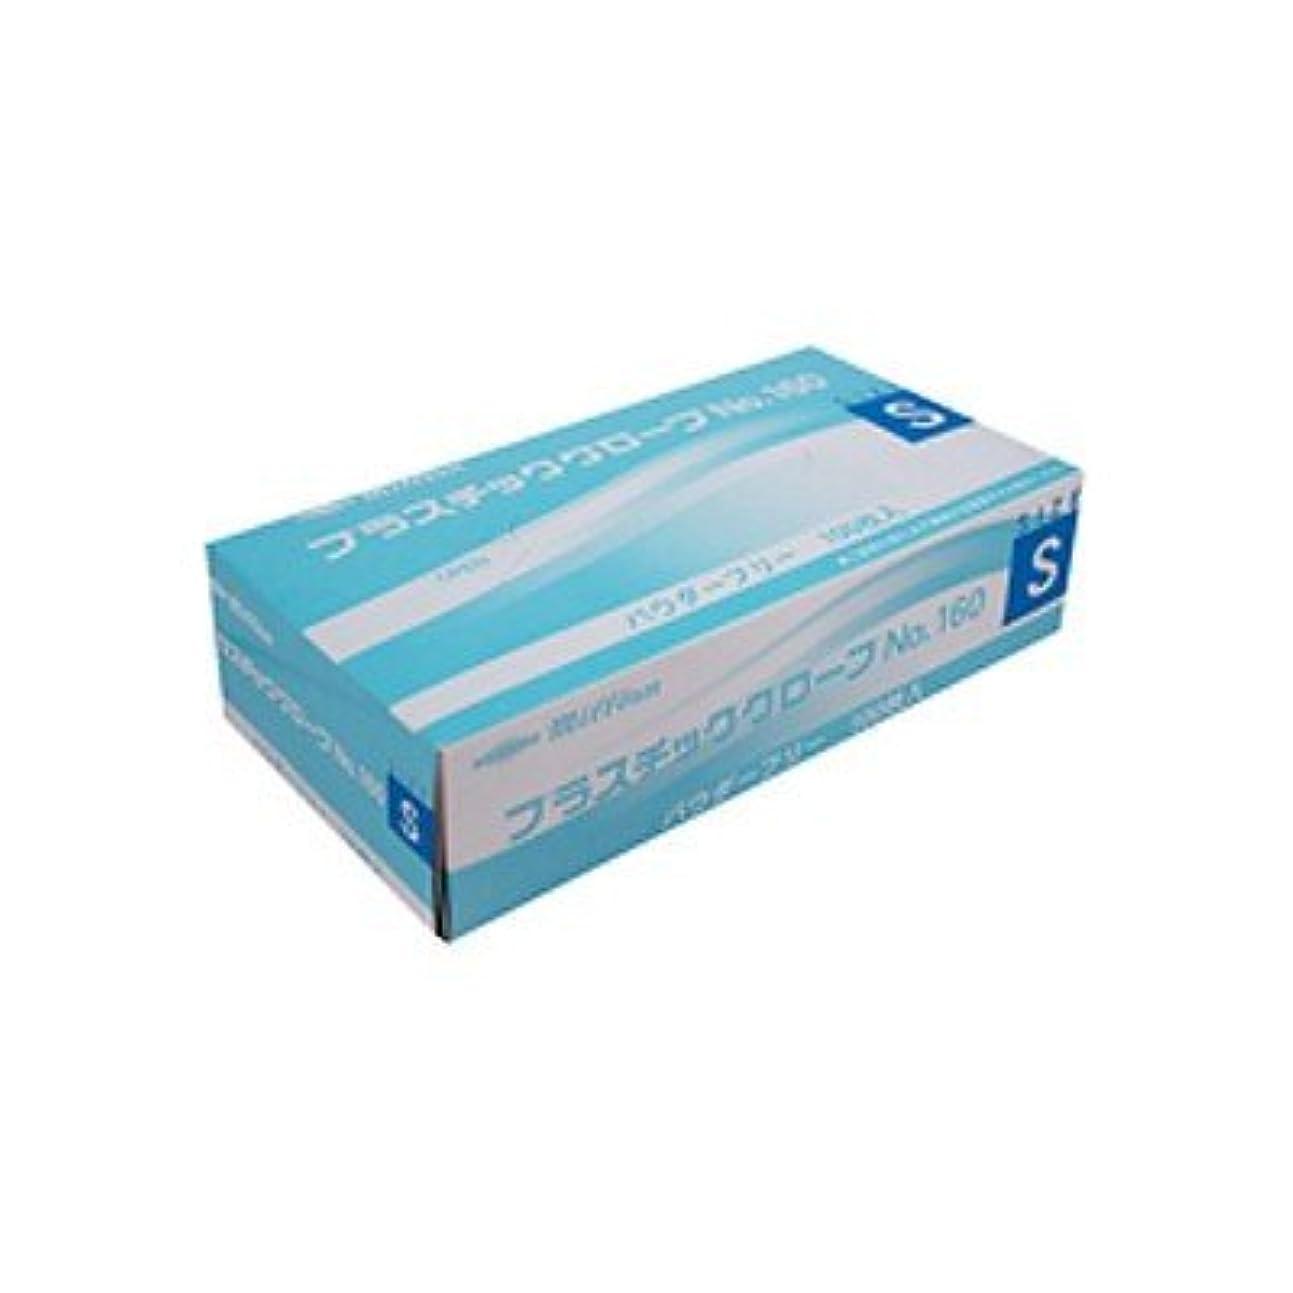 上へ全国結論ミリオン プラスチック手袋 粉無 No.160 S 品番:LH-160-S 注文番号:62741613 メーカー:共和